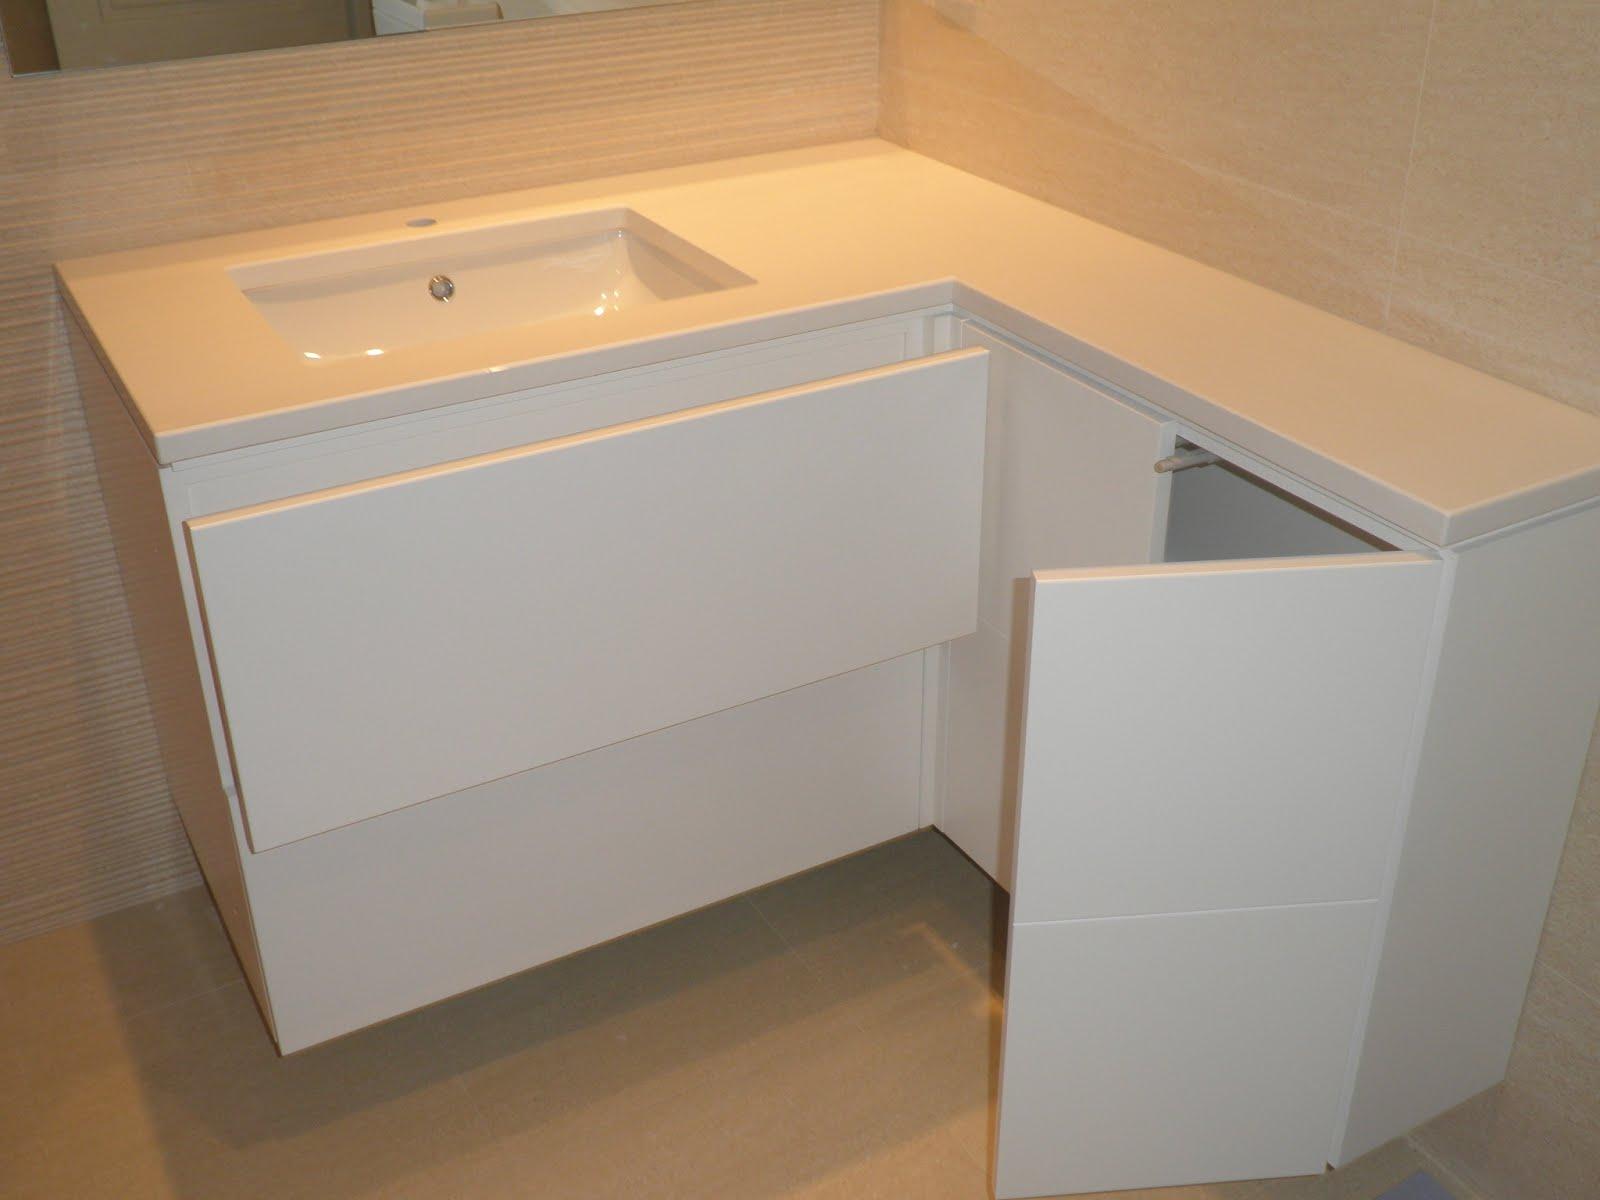 Mueble para lavabo lacado muebles cansado zaragoza - Mueble para lavabo ...